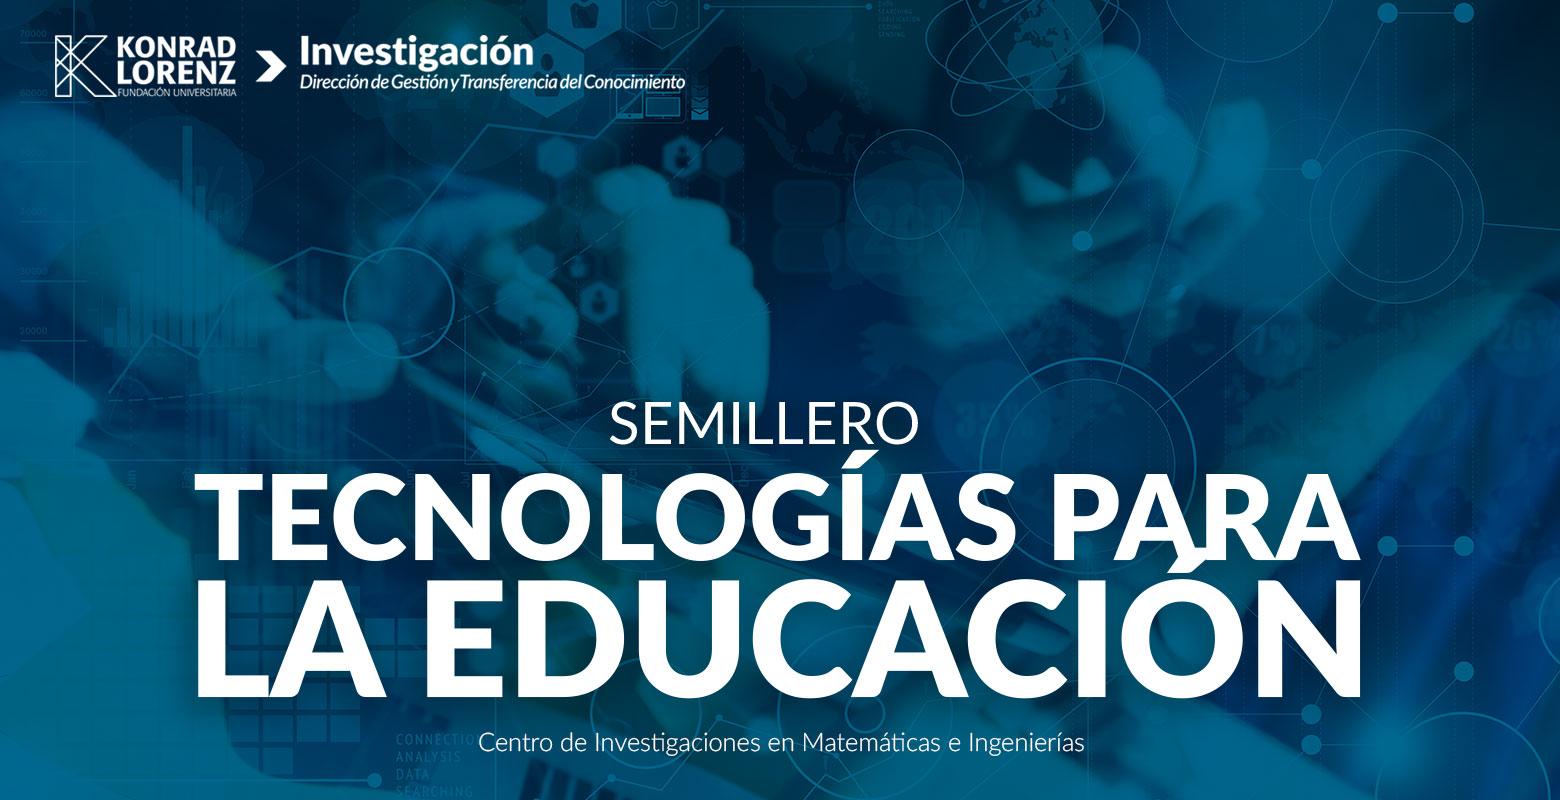 Semillero en Tecnologías para la Educación